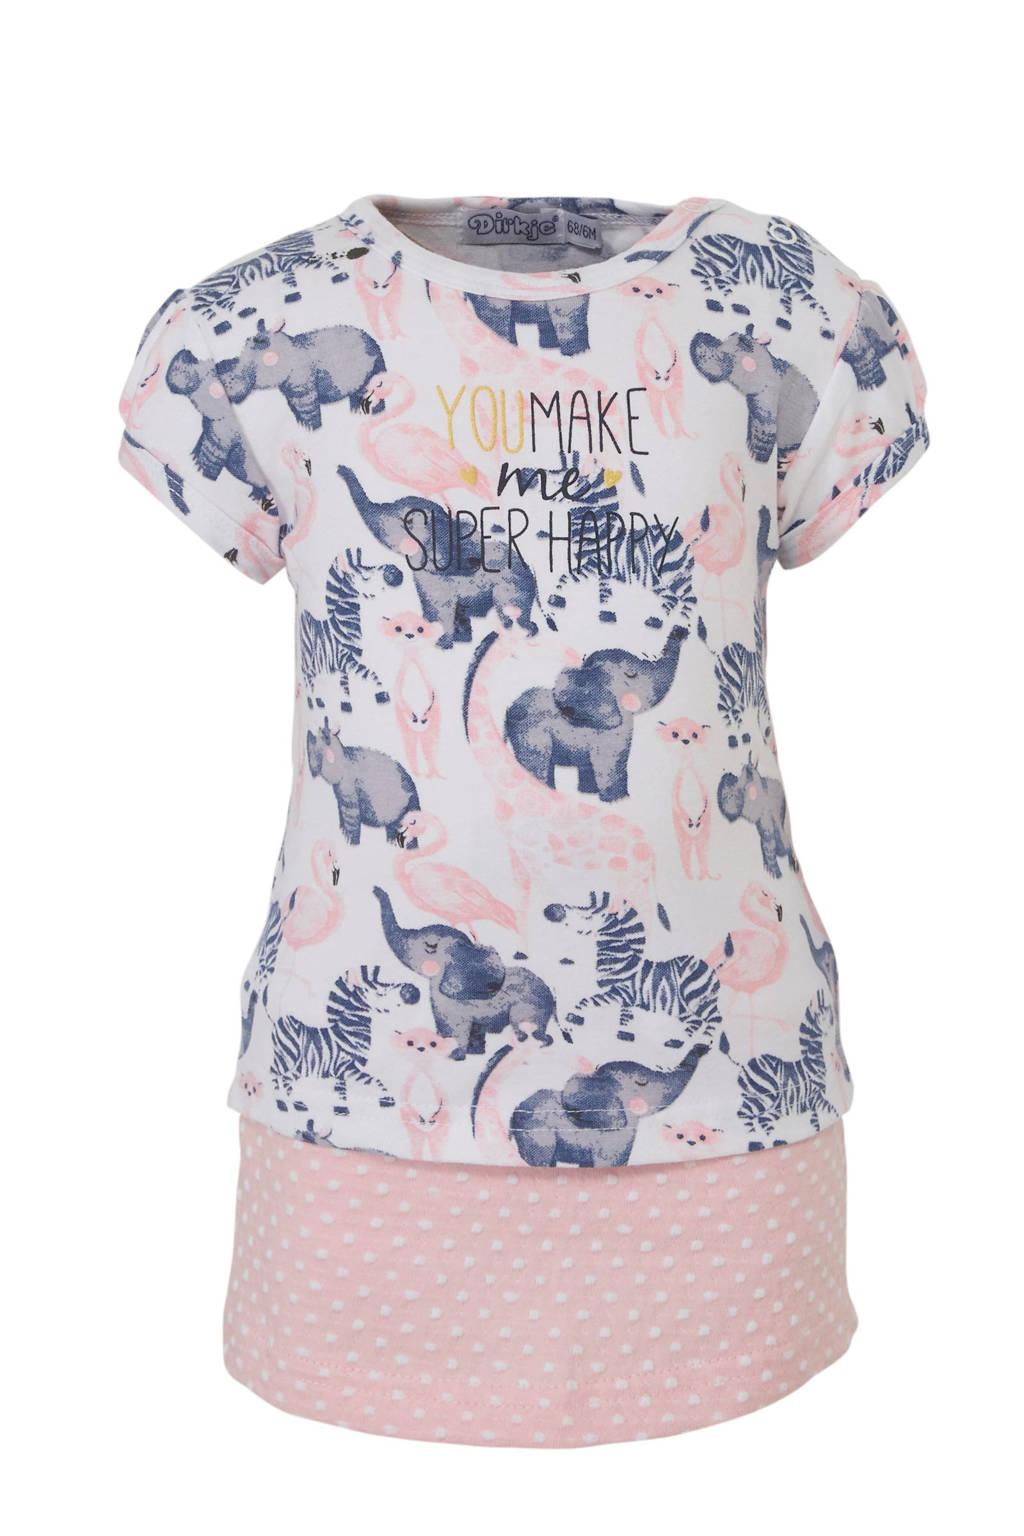 Dirkje jersey jurk met dierenprint lichtroze/wit, Lichtroze/wit